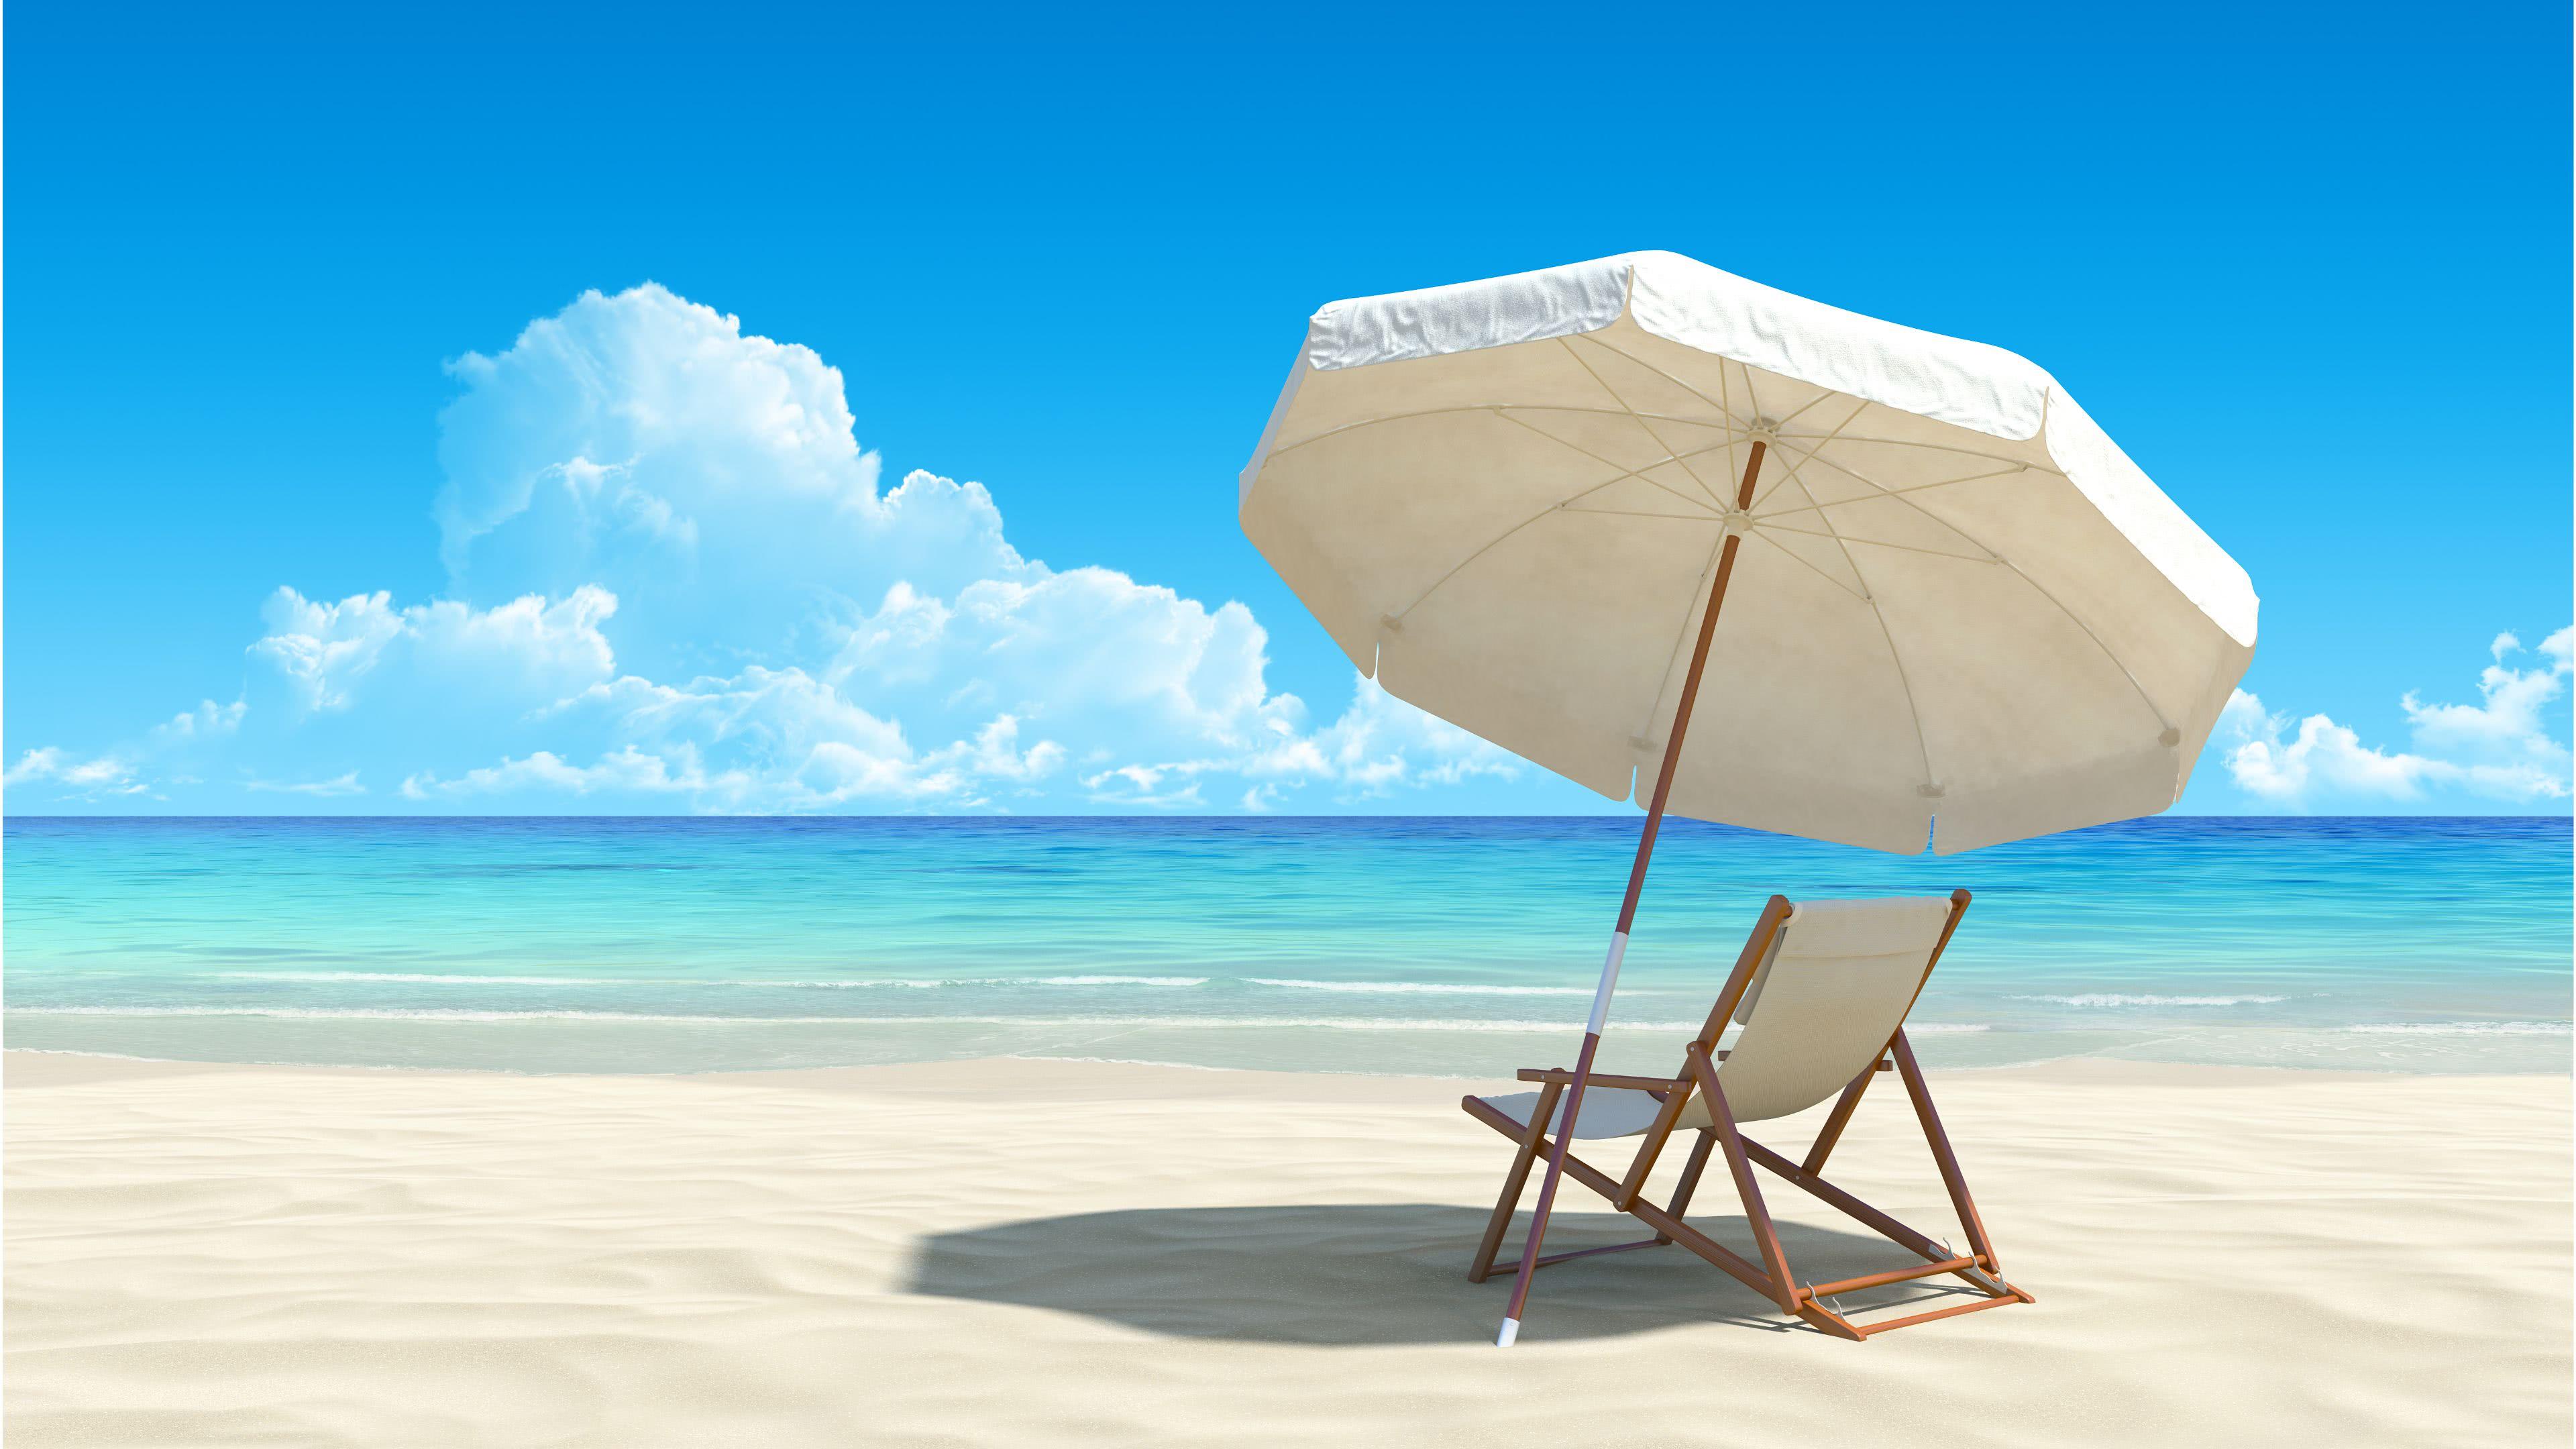 Beach Chair And Umbrella Tropical Beach Uhd 4k Wallpaper Pixelz Cc